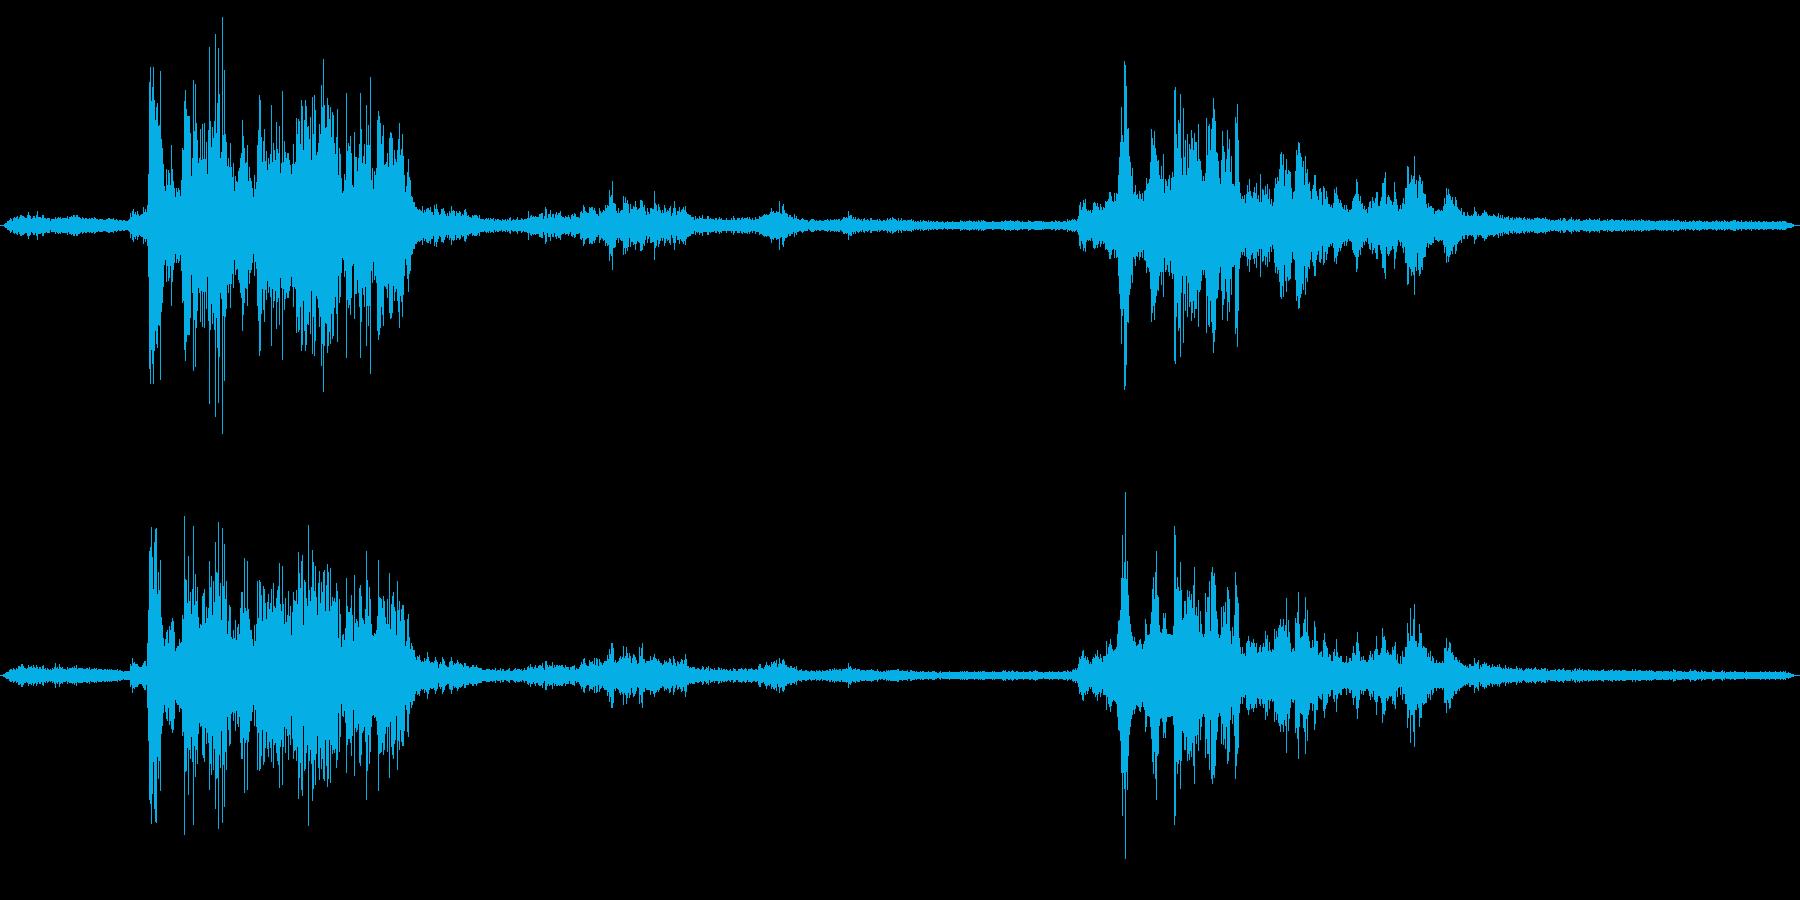 雷のフィールドレコーディング2の再生済みの波形